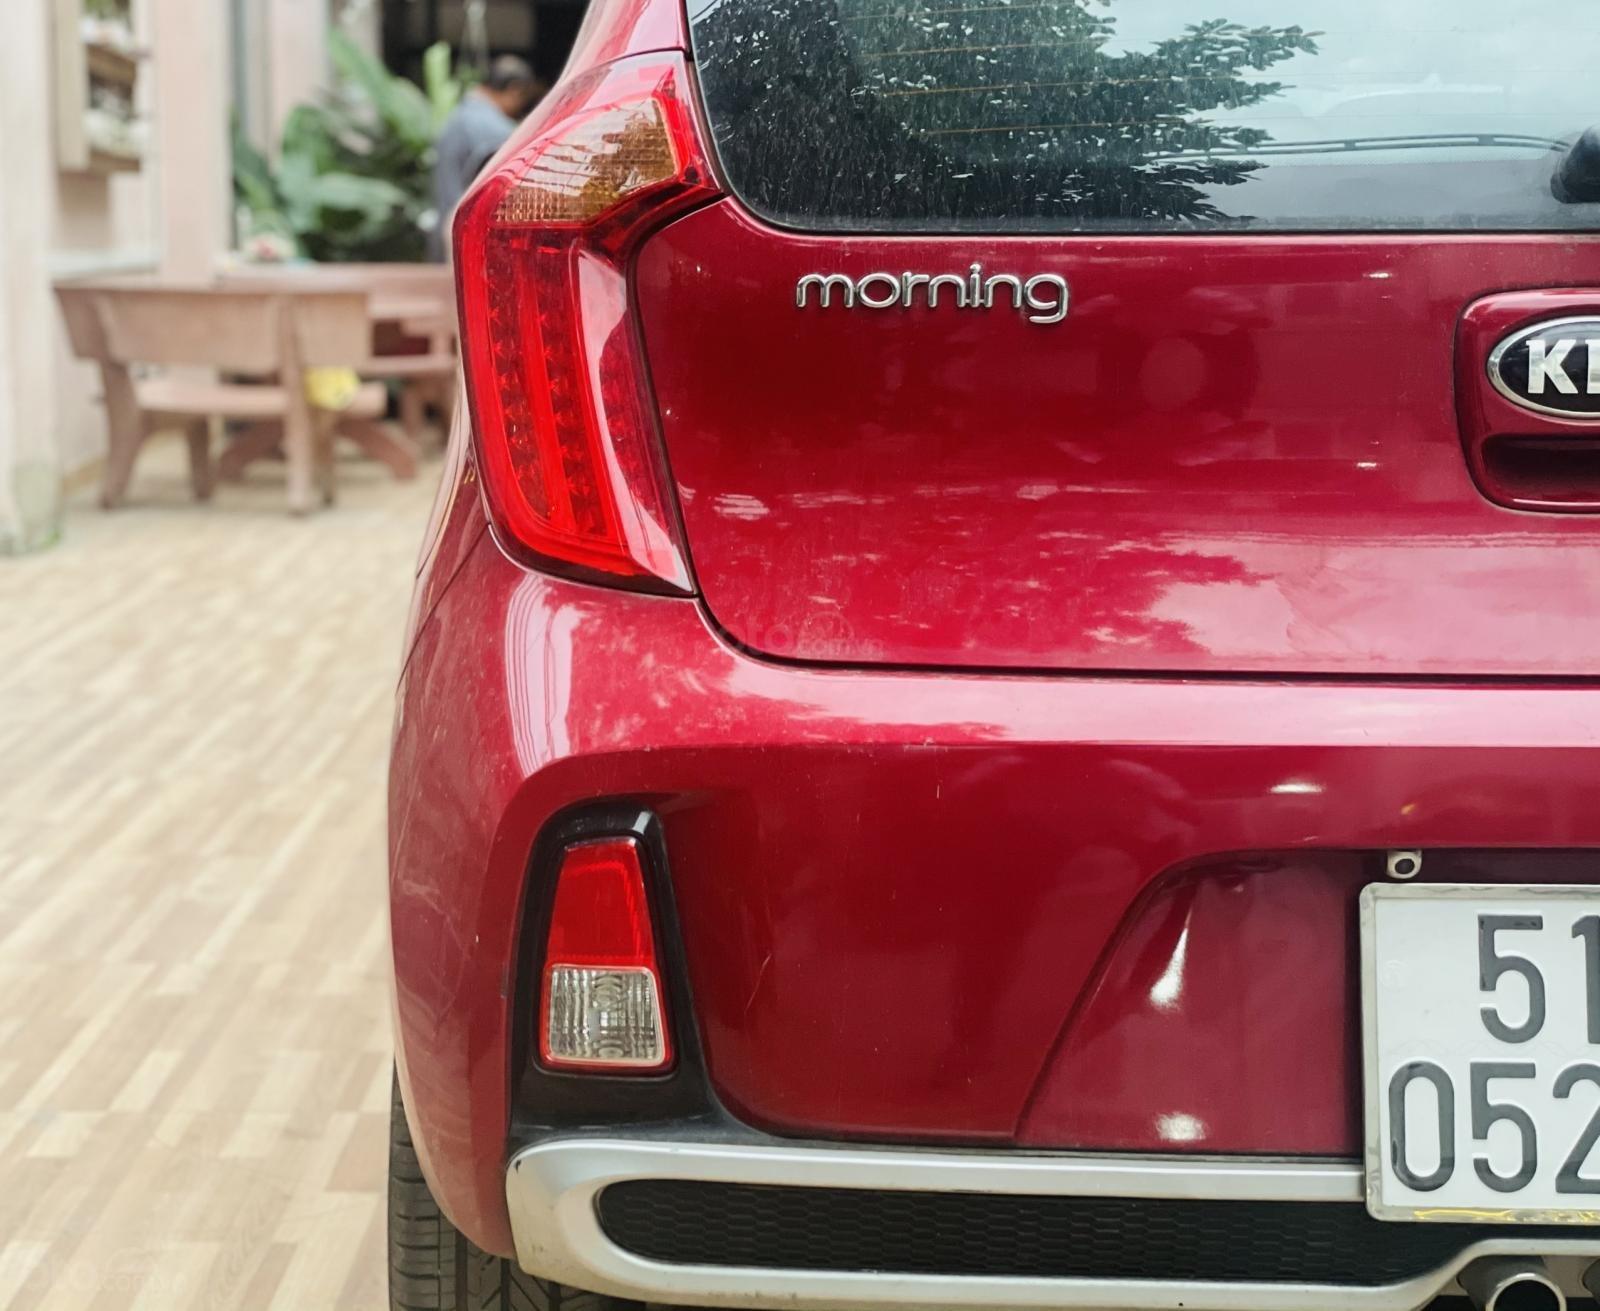 Cần bán xe Morning S AT màu đỏ, sản xuất năm 2018, biển thành phố, đi zin 3000 km, xe lướt như mới chỉ hơn 300 triệu (8)